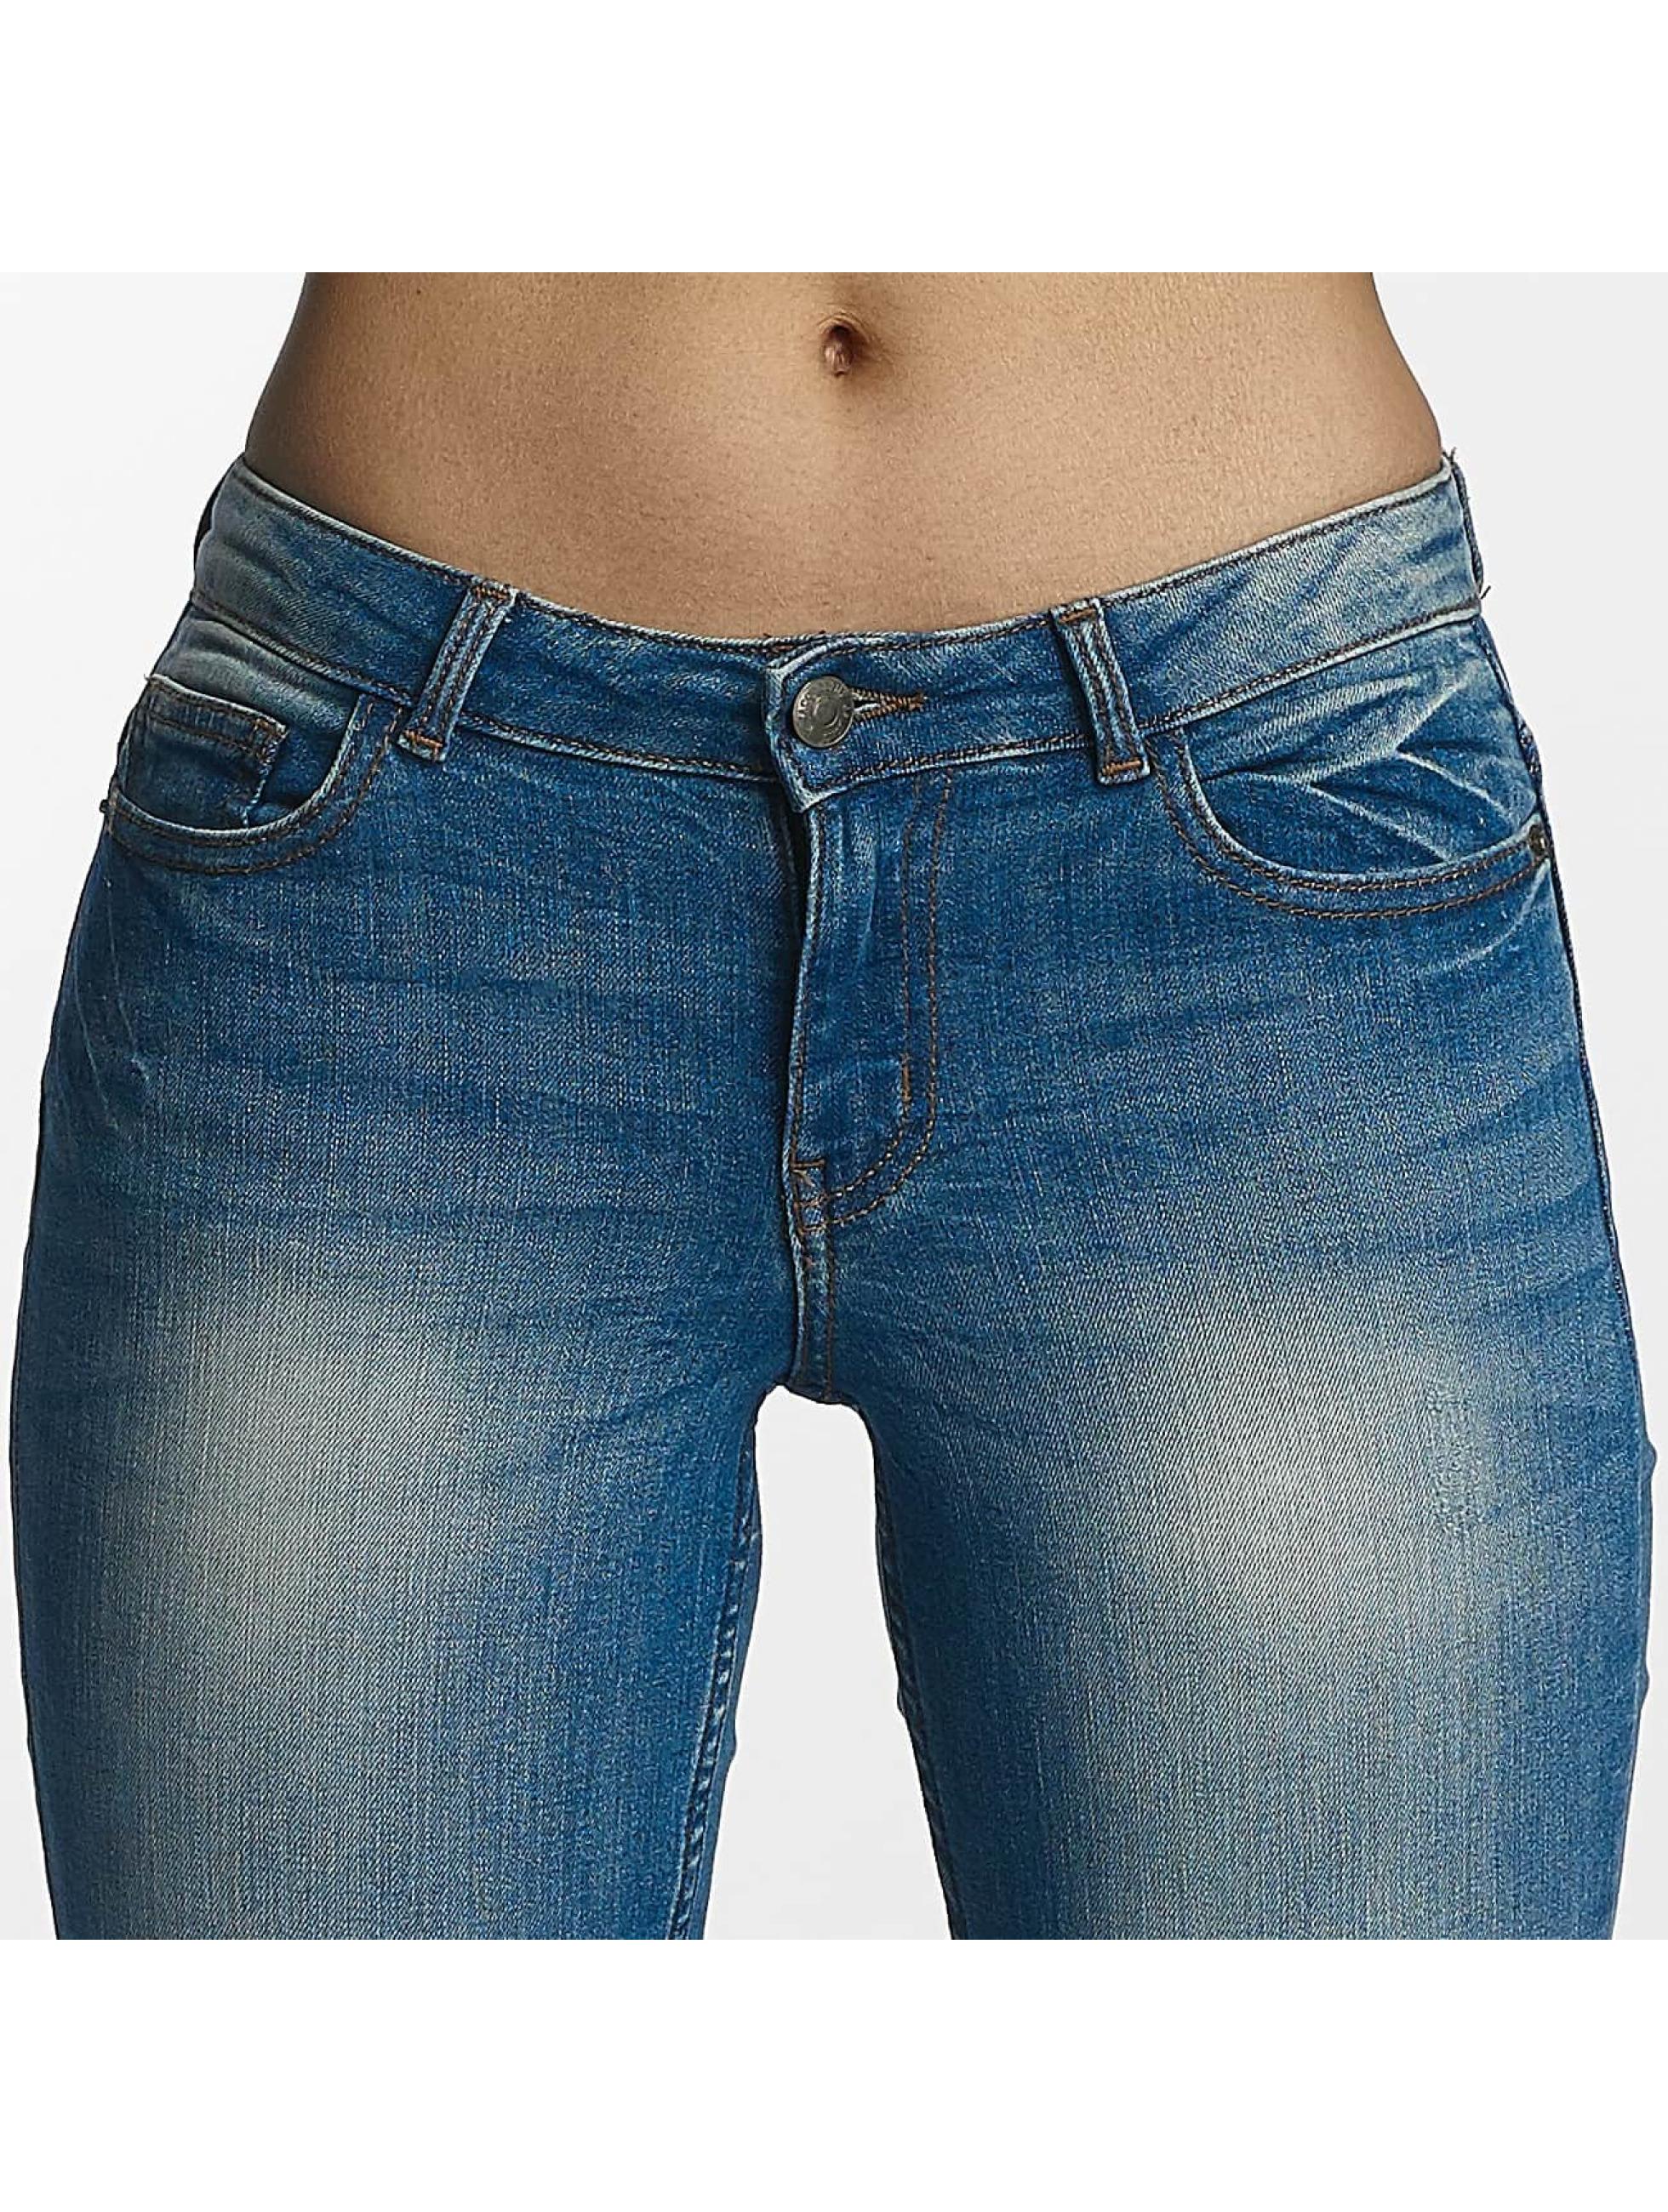 JACQUELINE de YONG Skinny Jeans jdySkinny blue